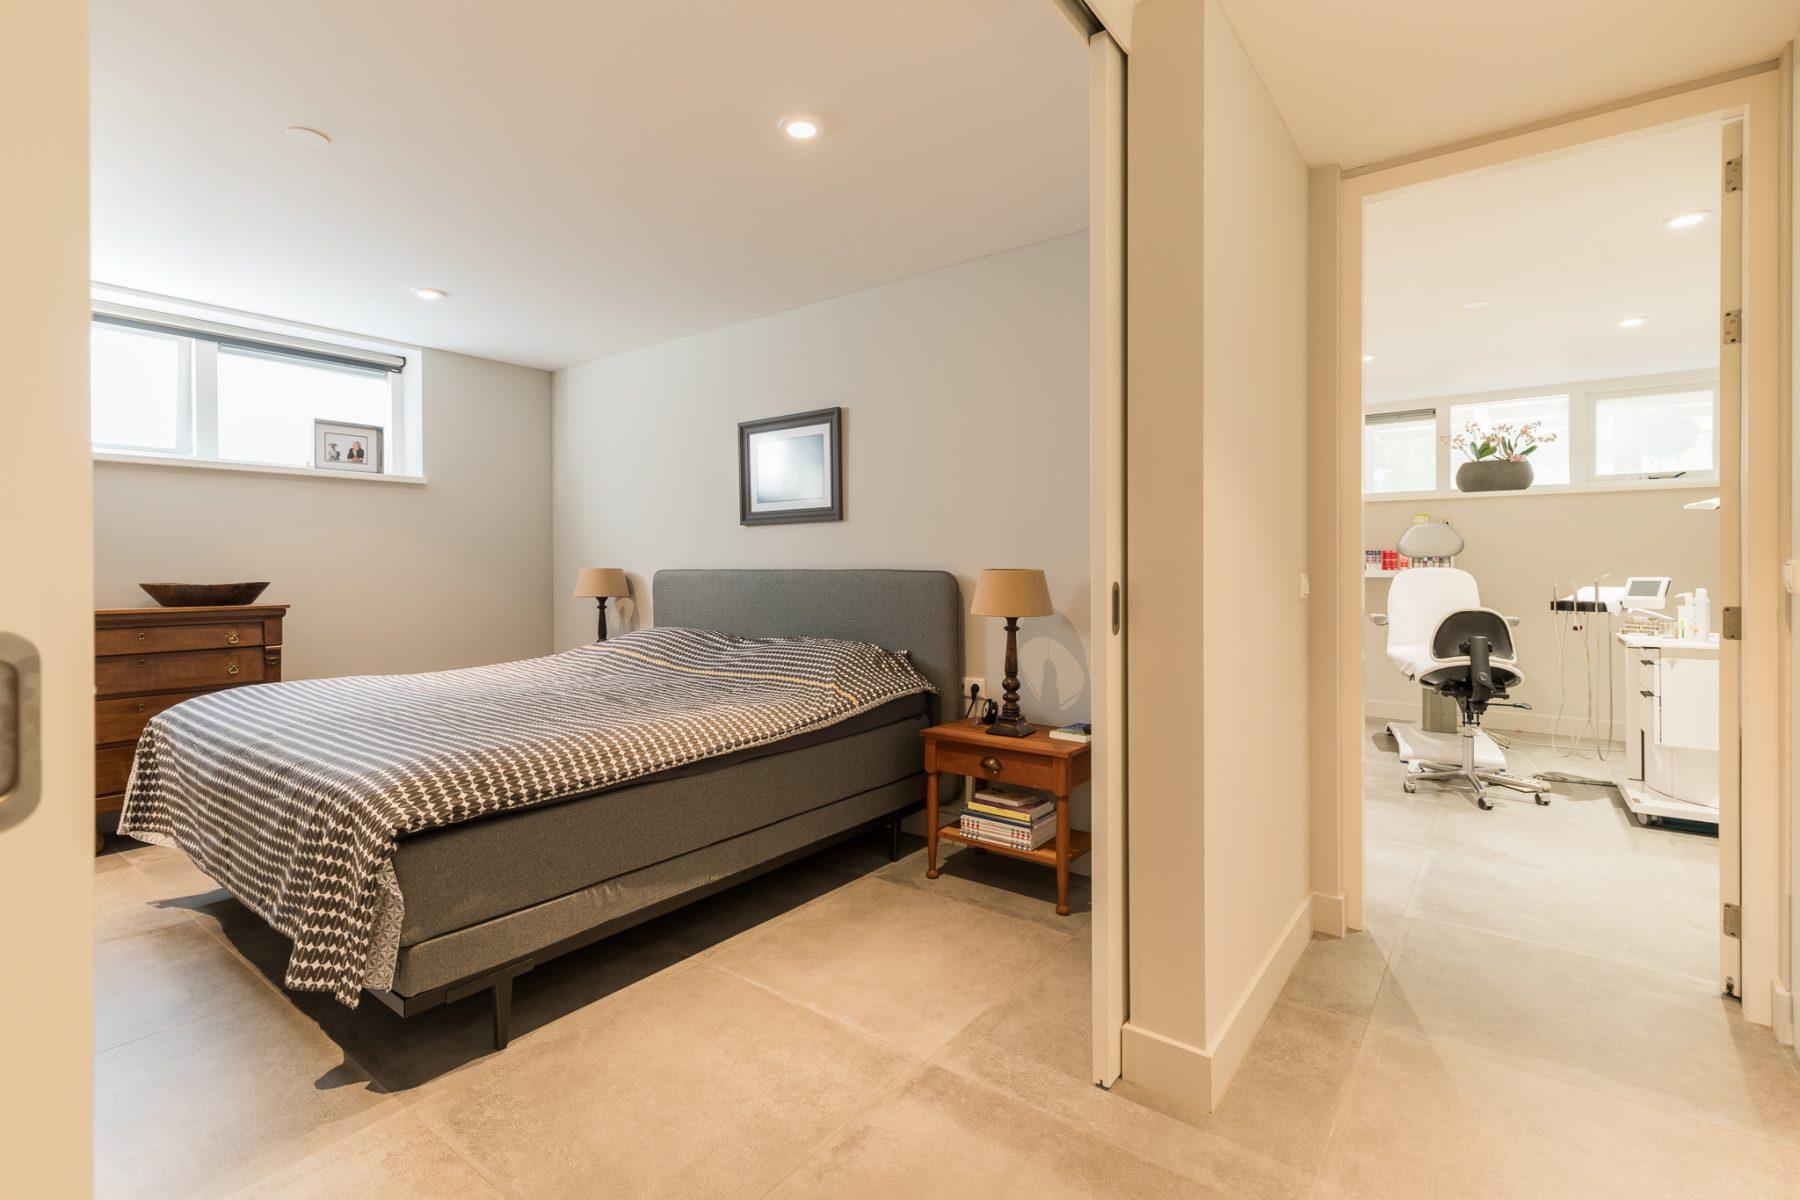 Slaapruimte en praktijkruimte in het souterrain, met veel licht door de hoge ramen